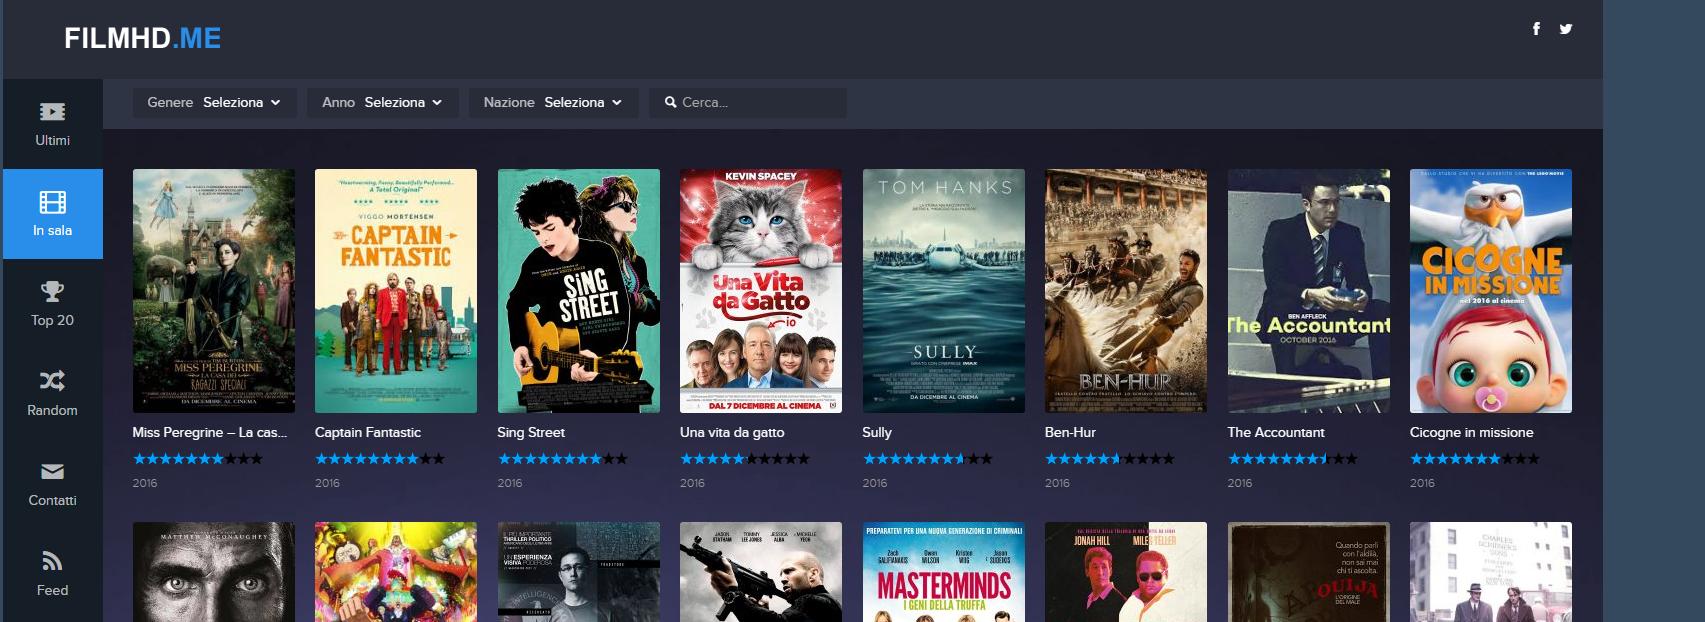 Altadefinizione: Nuovo sito per film in Streaming HD senza pubblicità #streaming #altadefinizione #cinema #film #hd